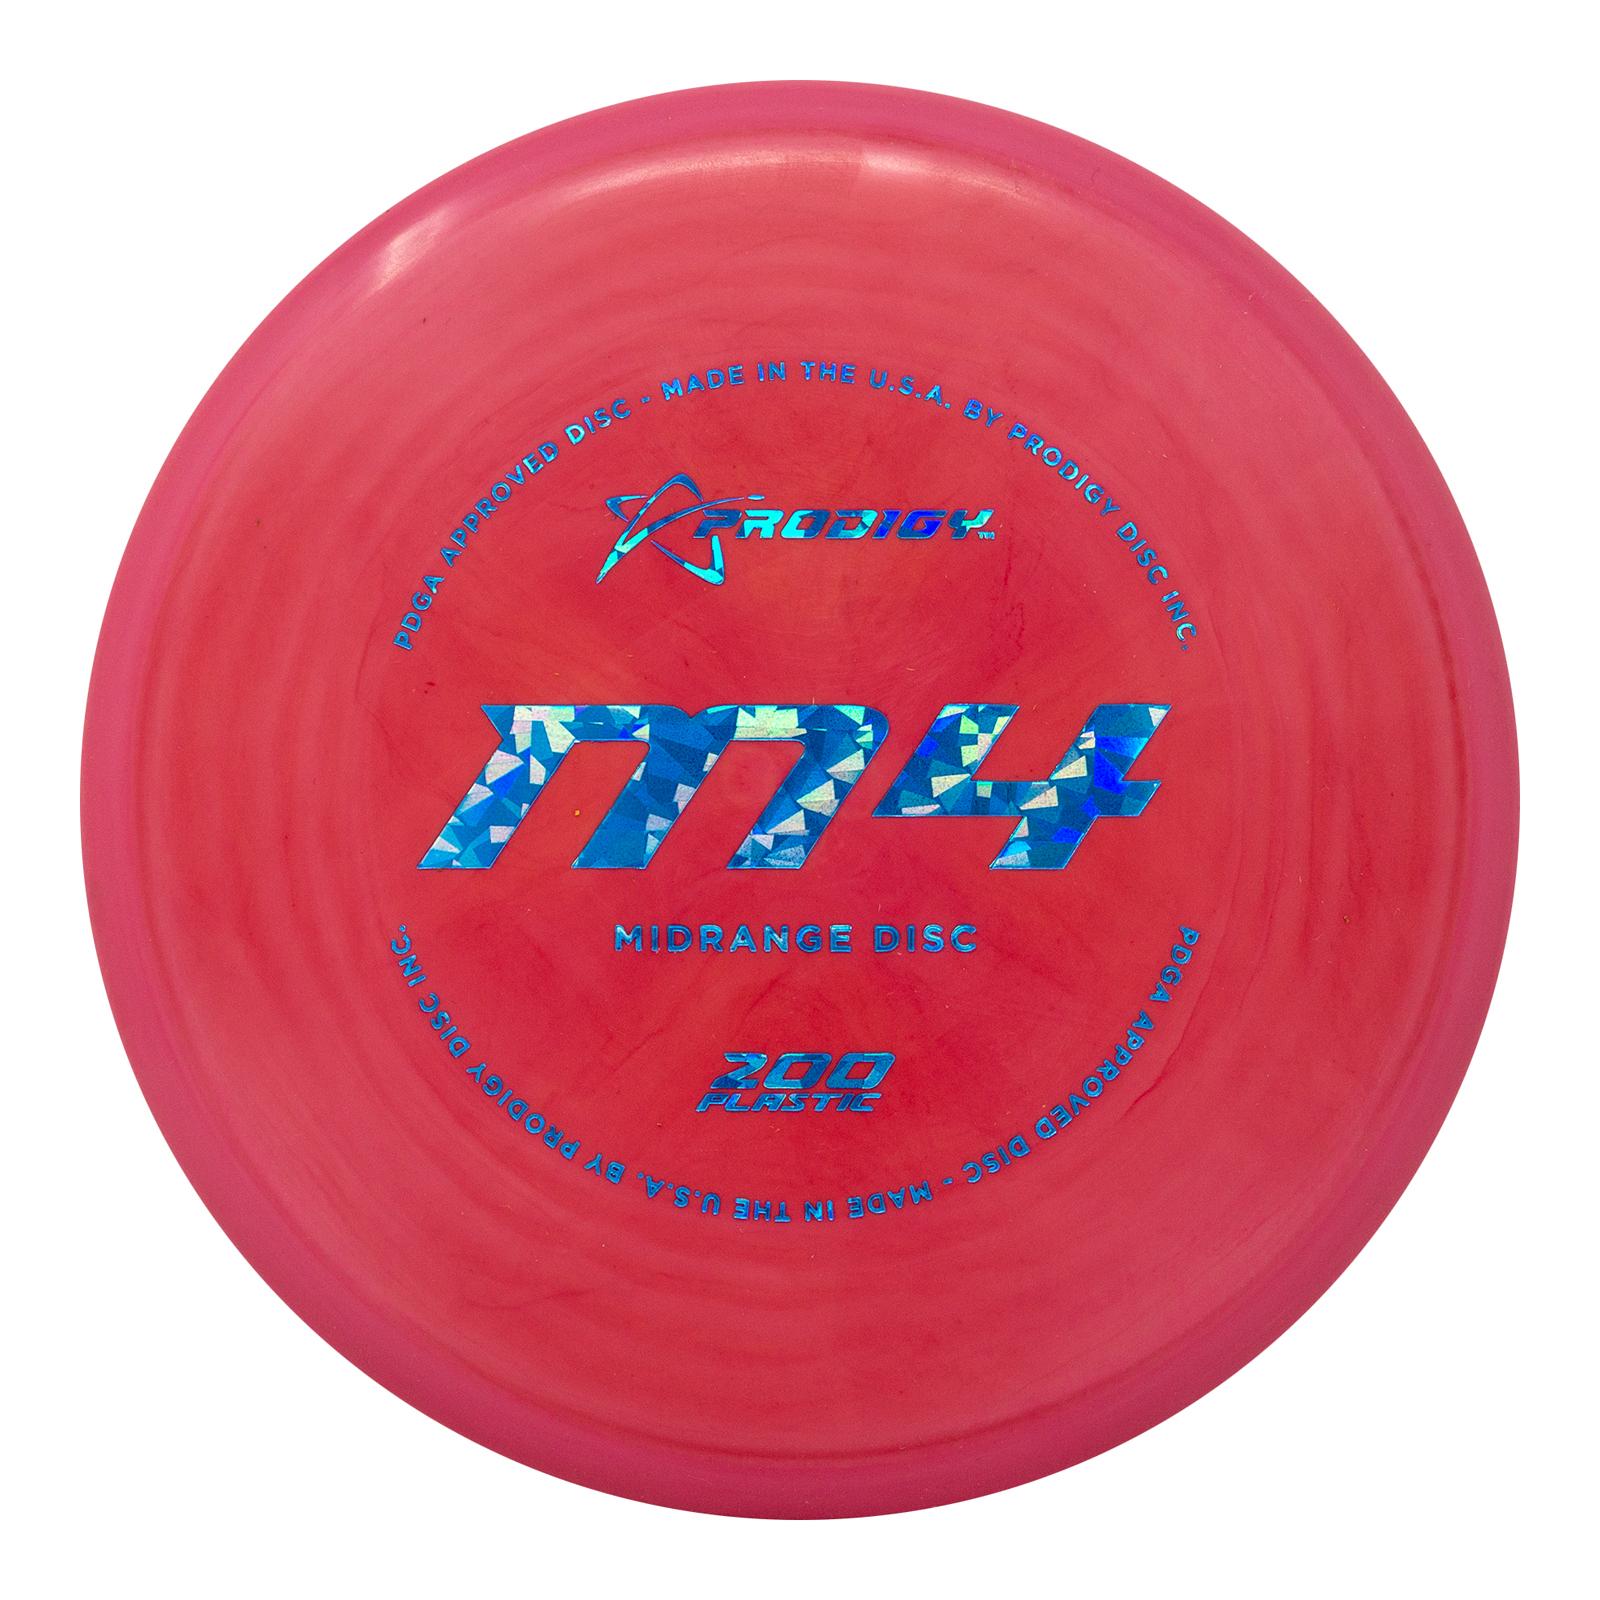 M4 - 200 PLASTIC